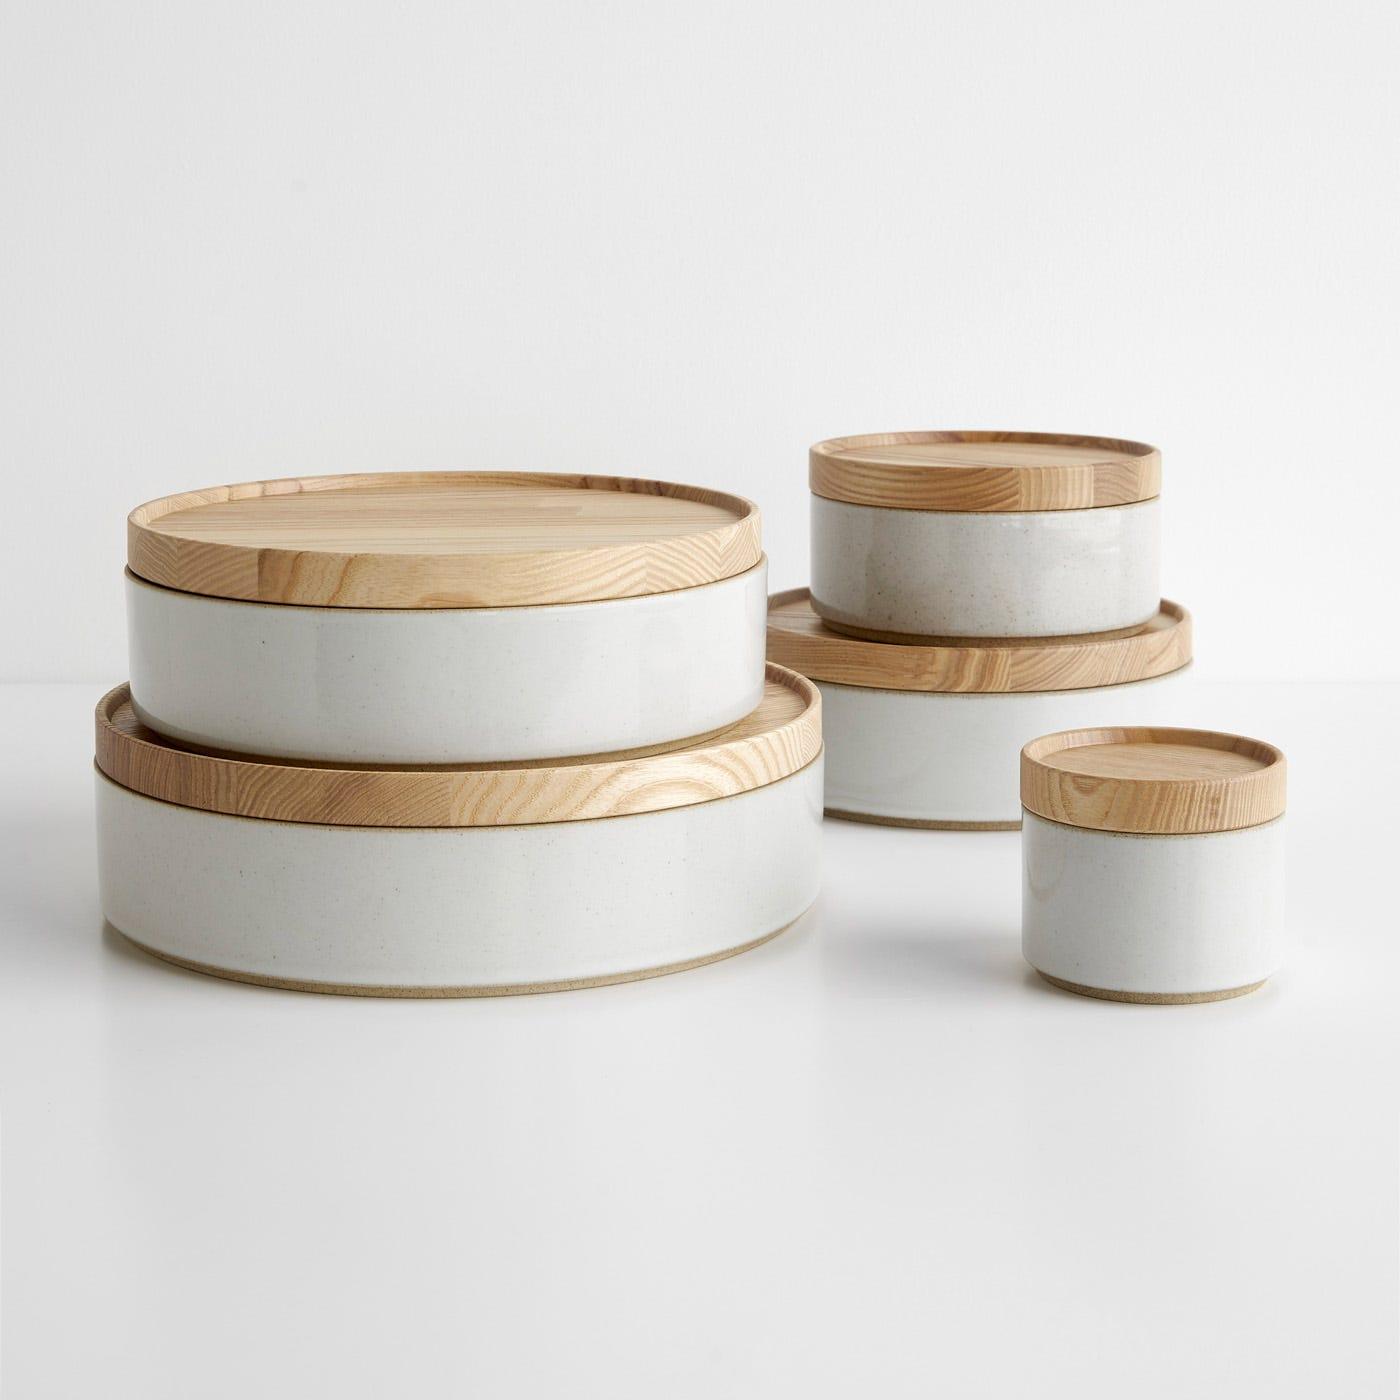 Hasami Gloss Gray Bowls